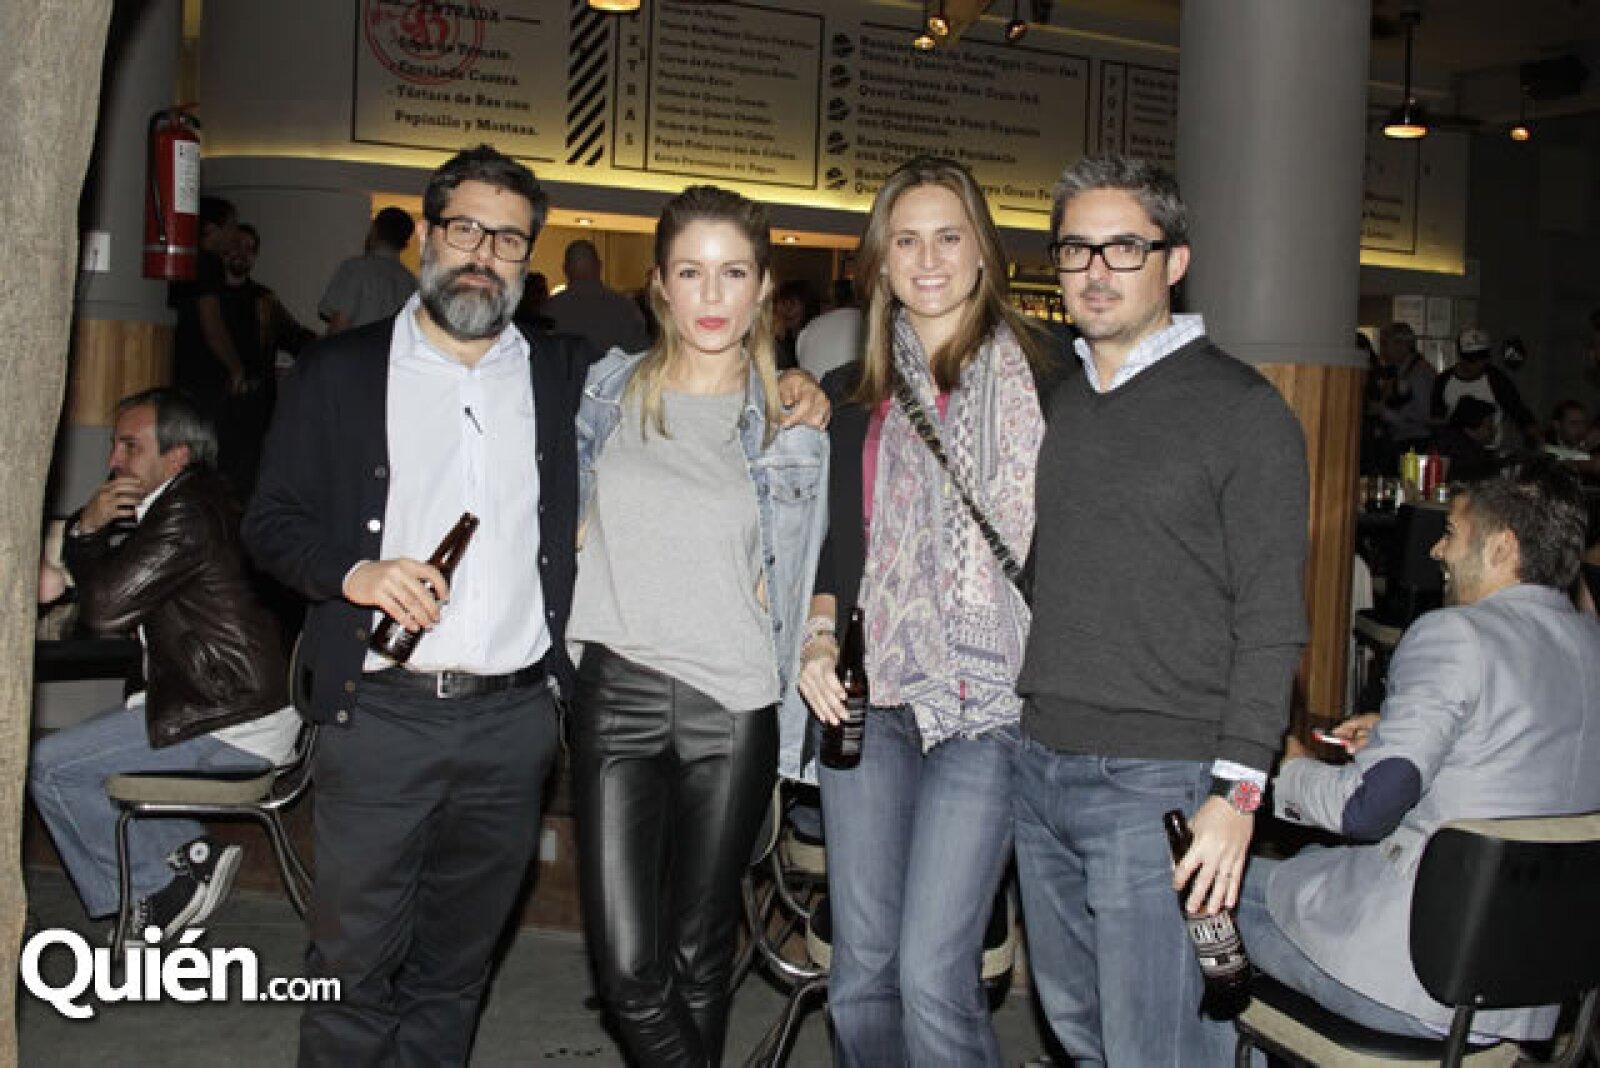 Ricardo Porrero,Micaela de Bernardi,Alejandra de la Rosa,Alonso de Garay